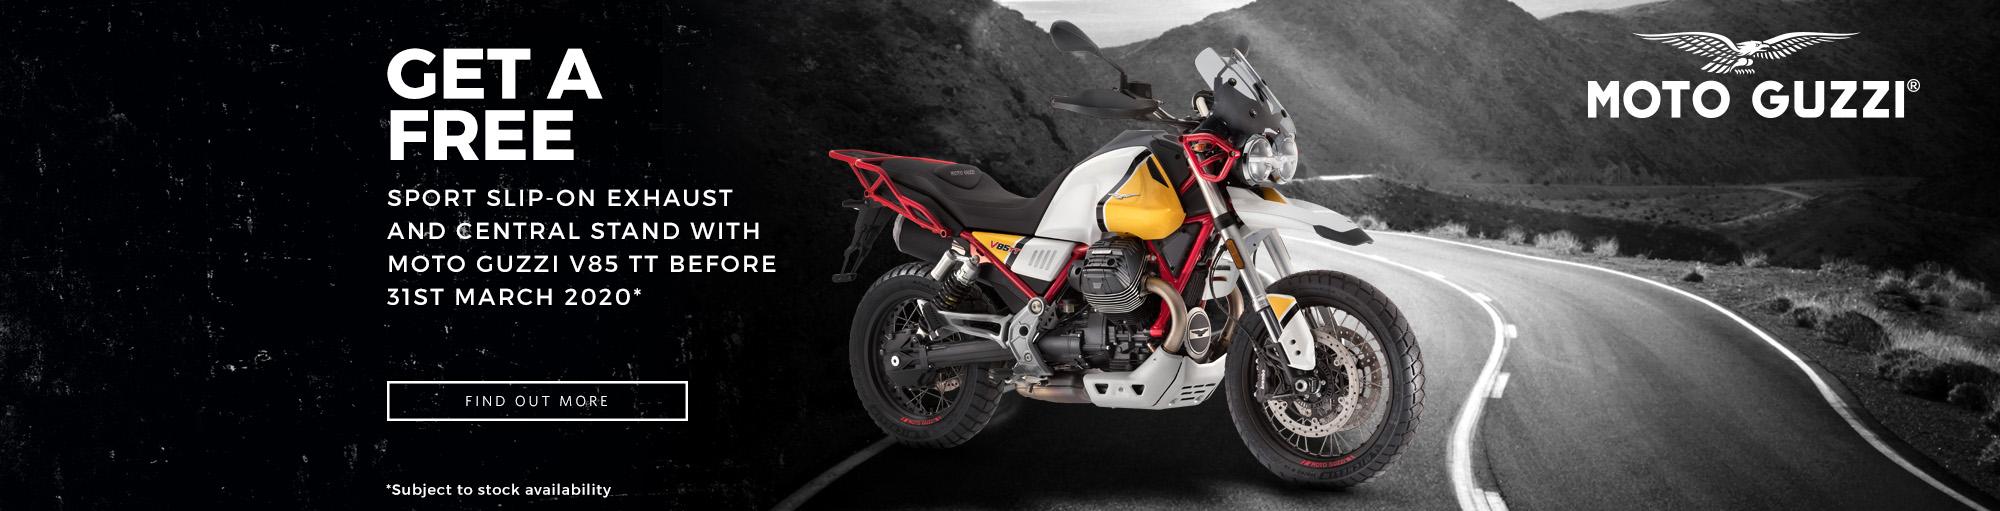 Moto Guzzi Q1 Offfer 2